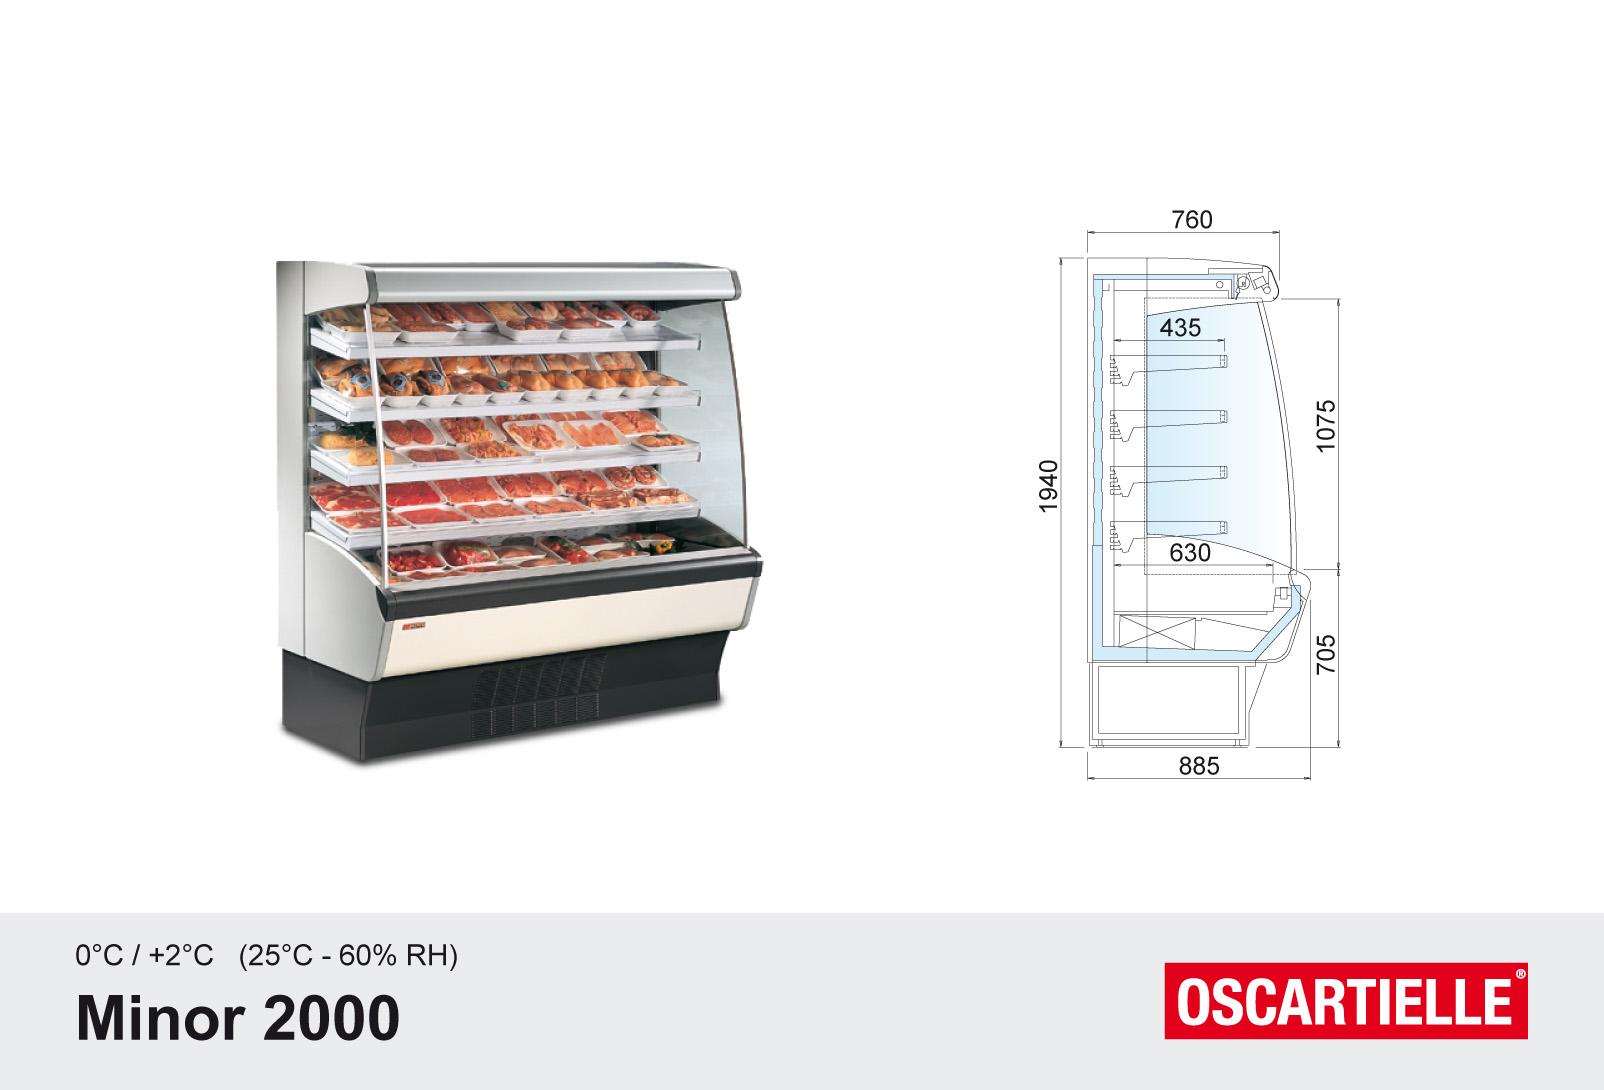 Minor 2000